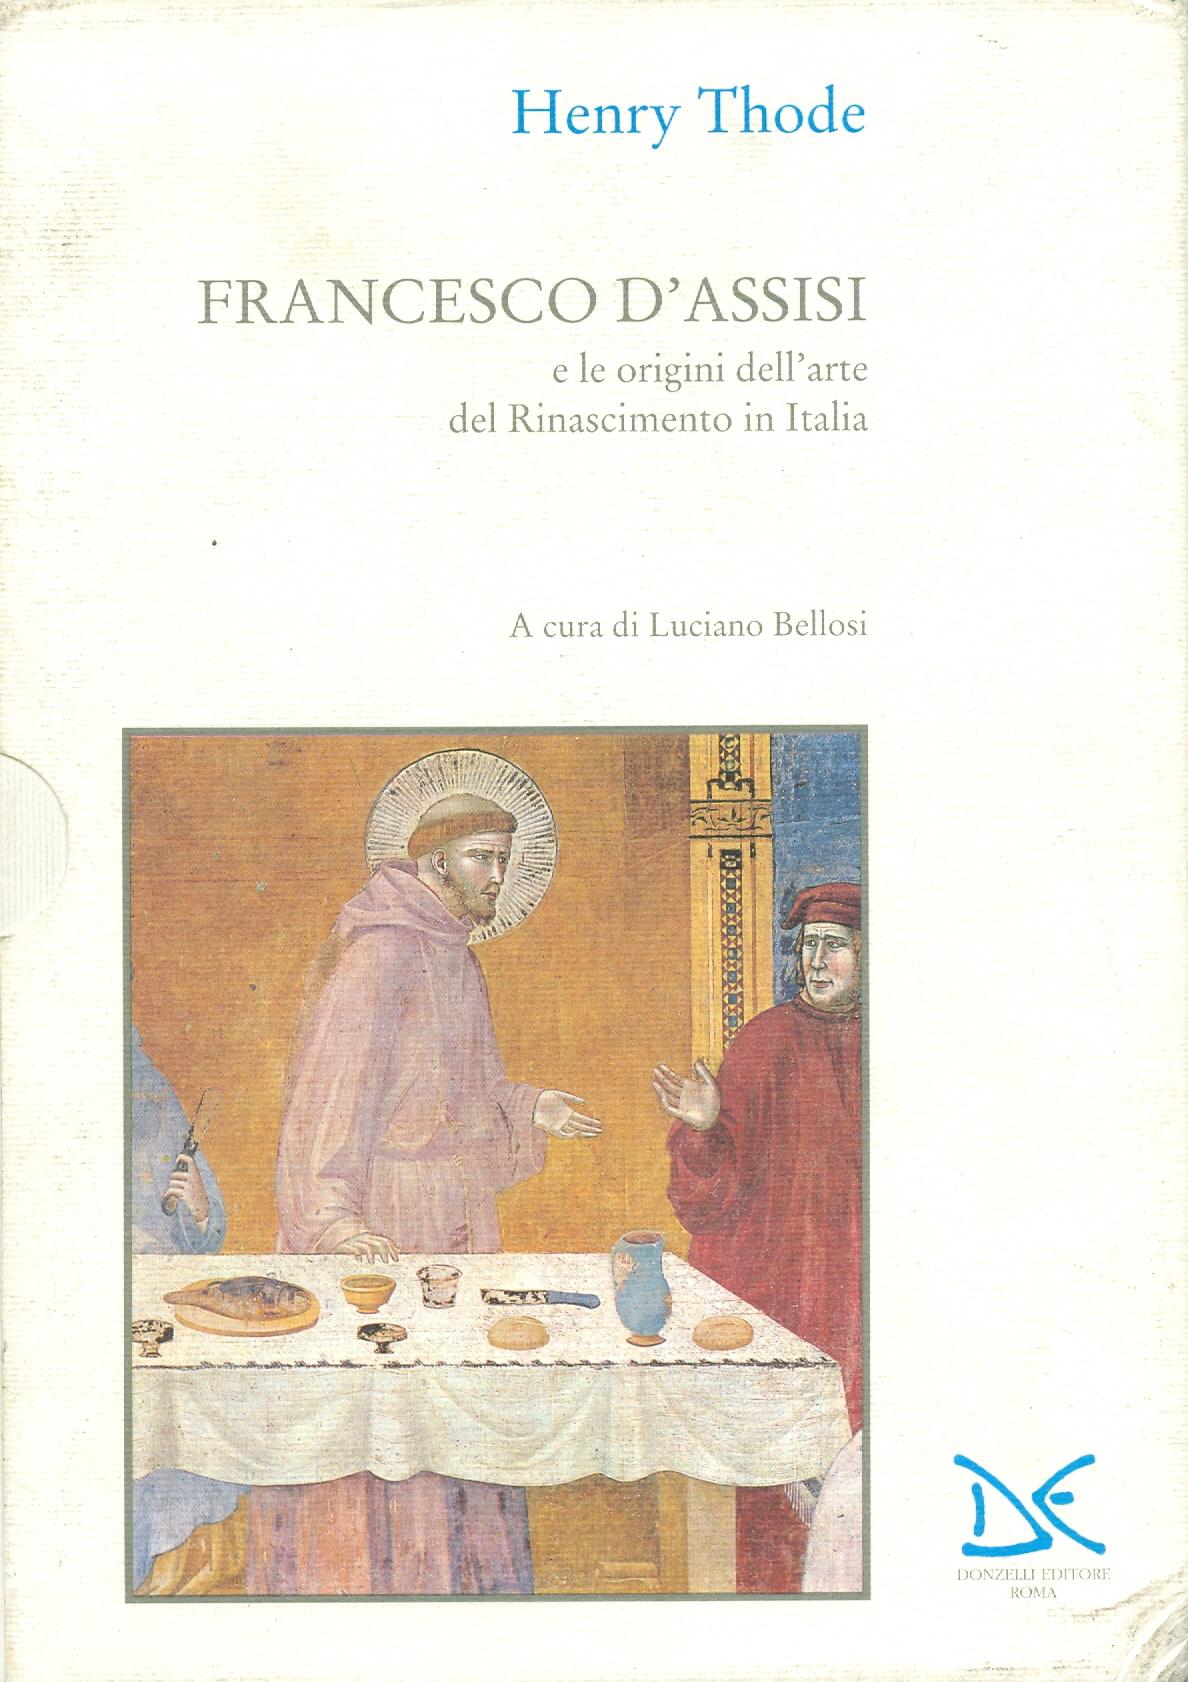 Francesco d'Assisi e le origini dell'arte del Rinascimento in Italia